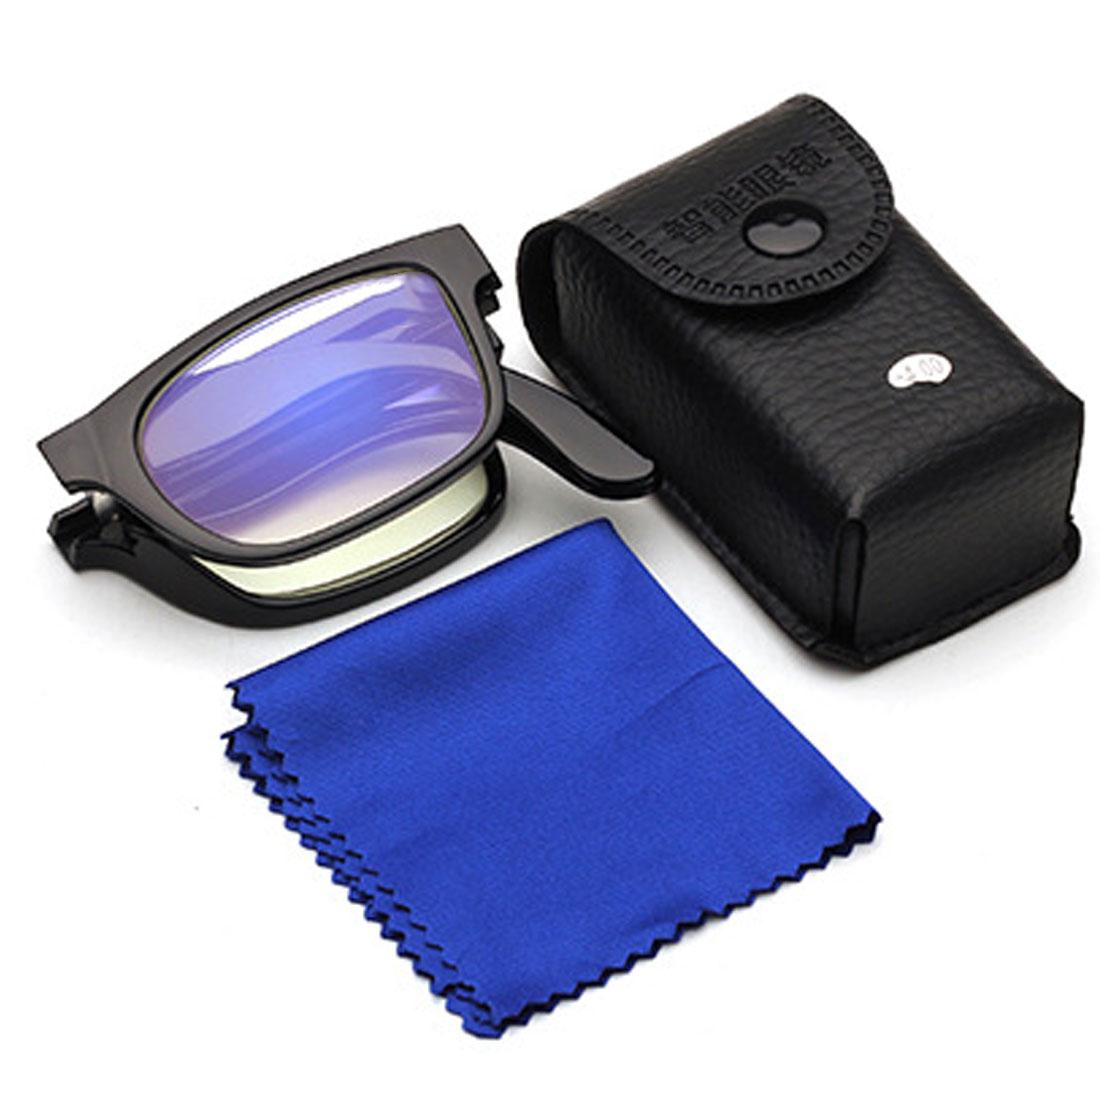 독서 안경 100/150/200/250/300/350/400 학위 휴대용 안경 돋보기 접을 수있는 초경량 안경